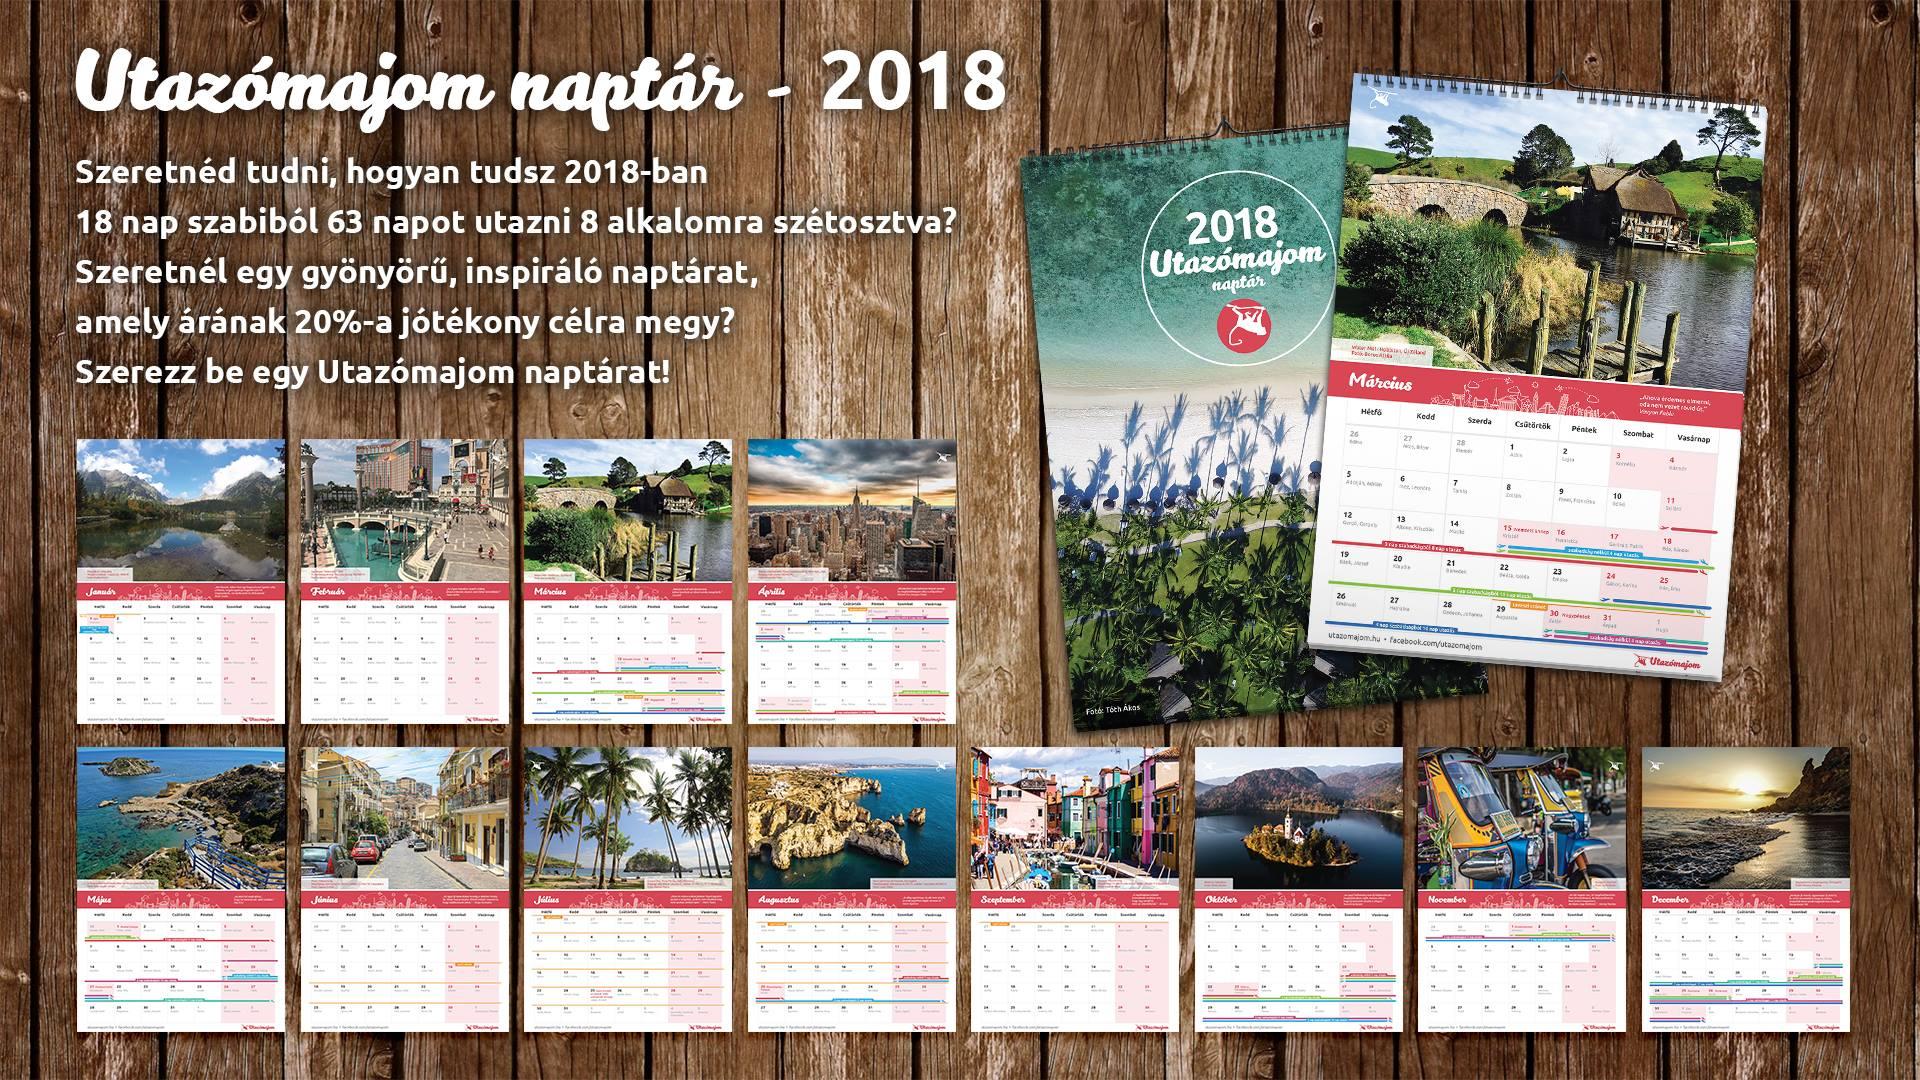 Utazómajom naptár 2018